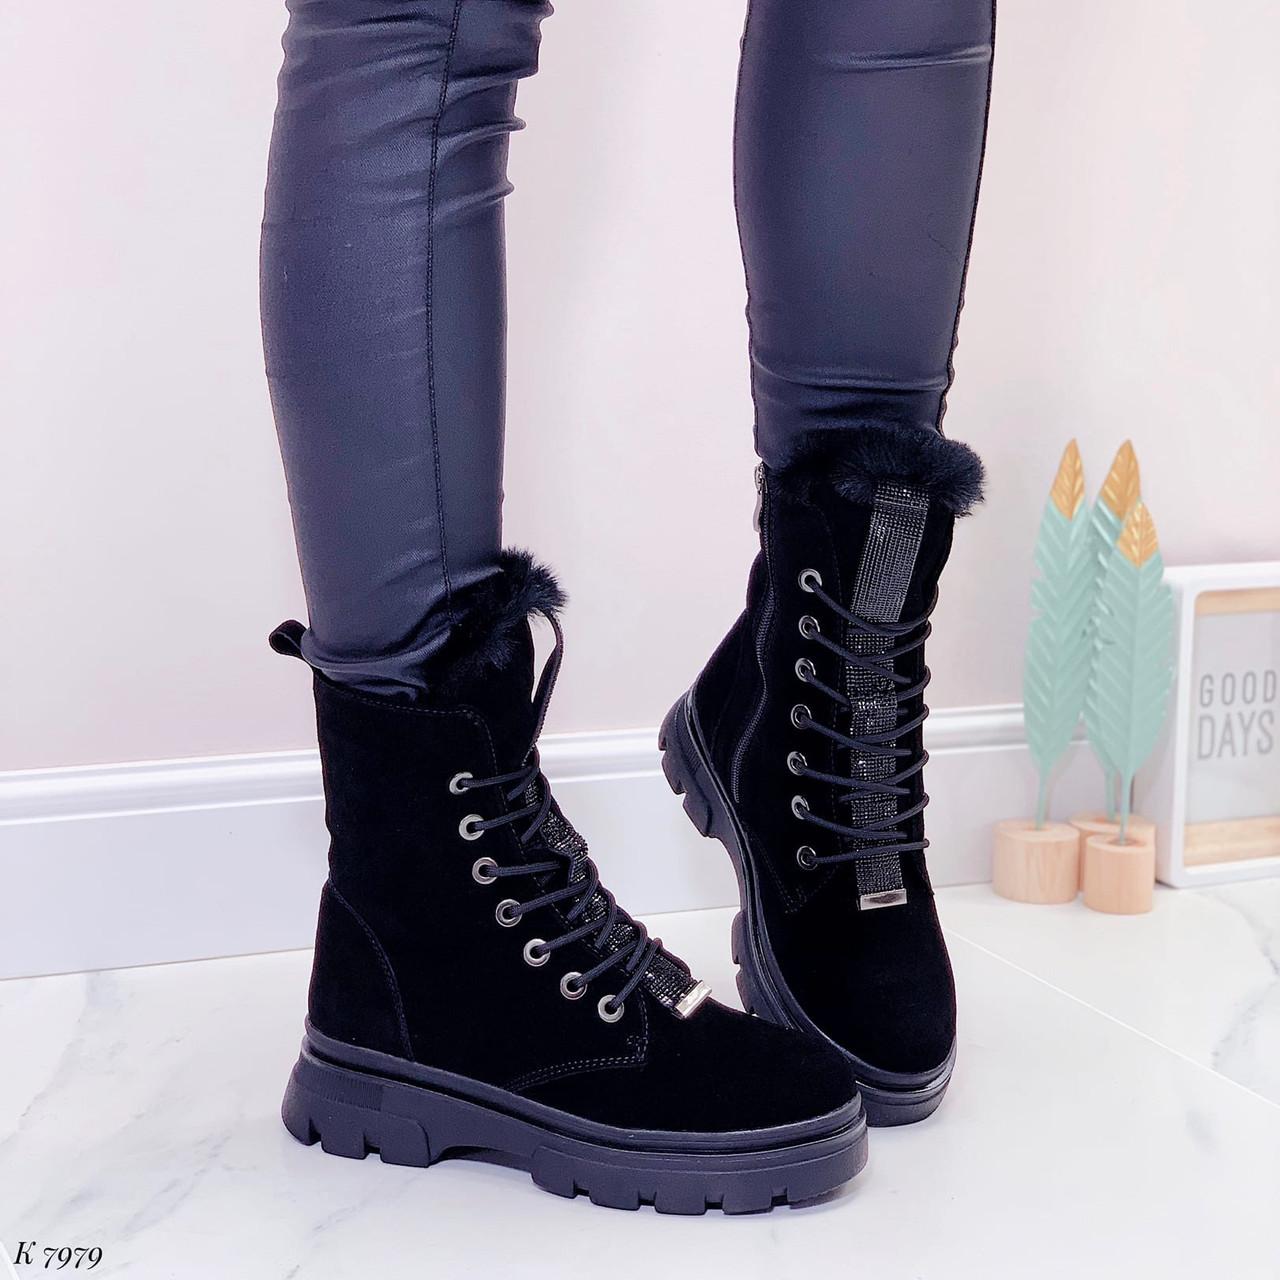 Женские ботинки ЗИМА черные со стразами натуральная замша